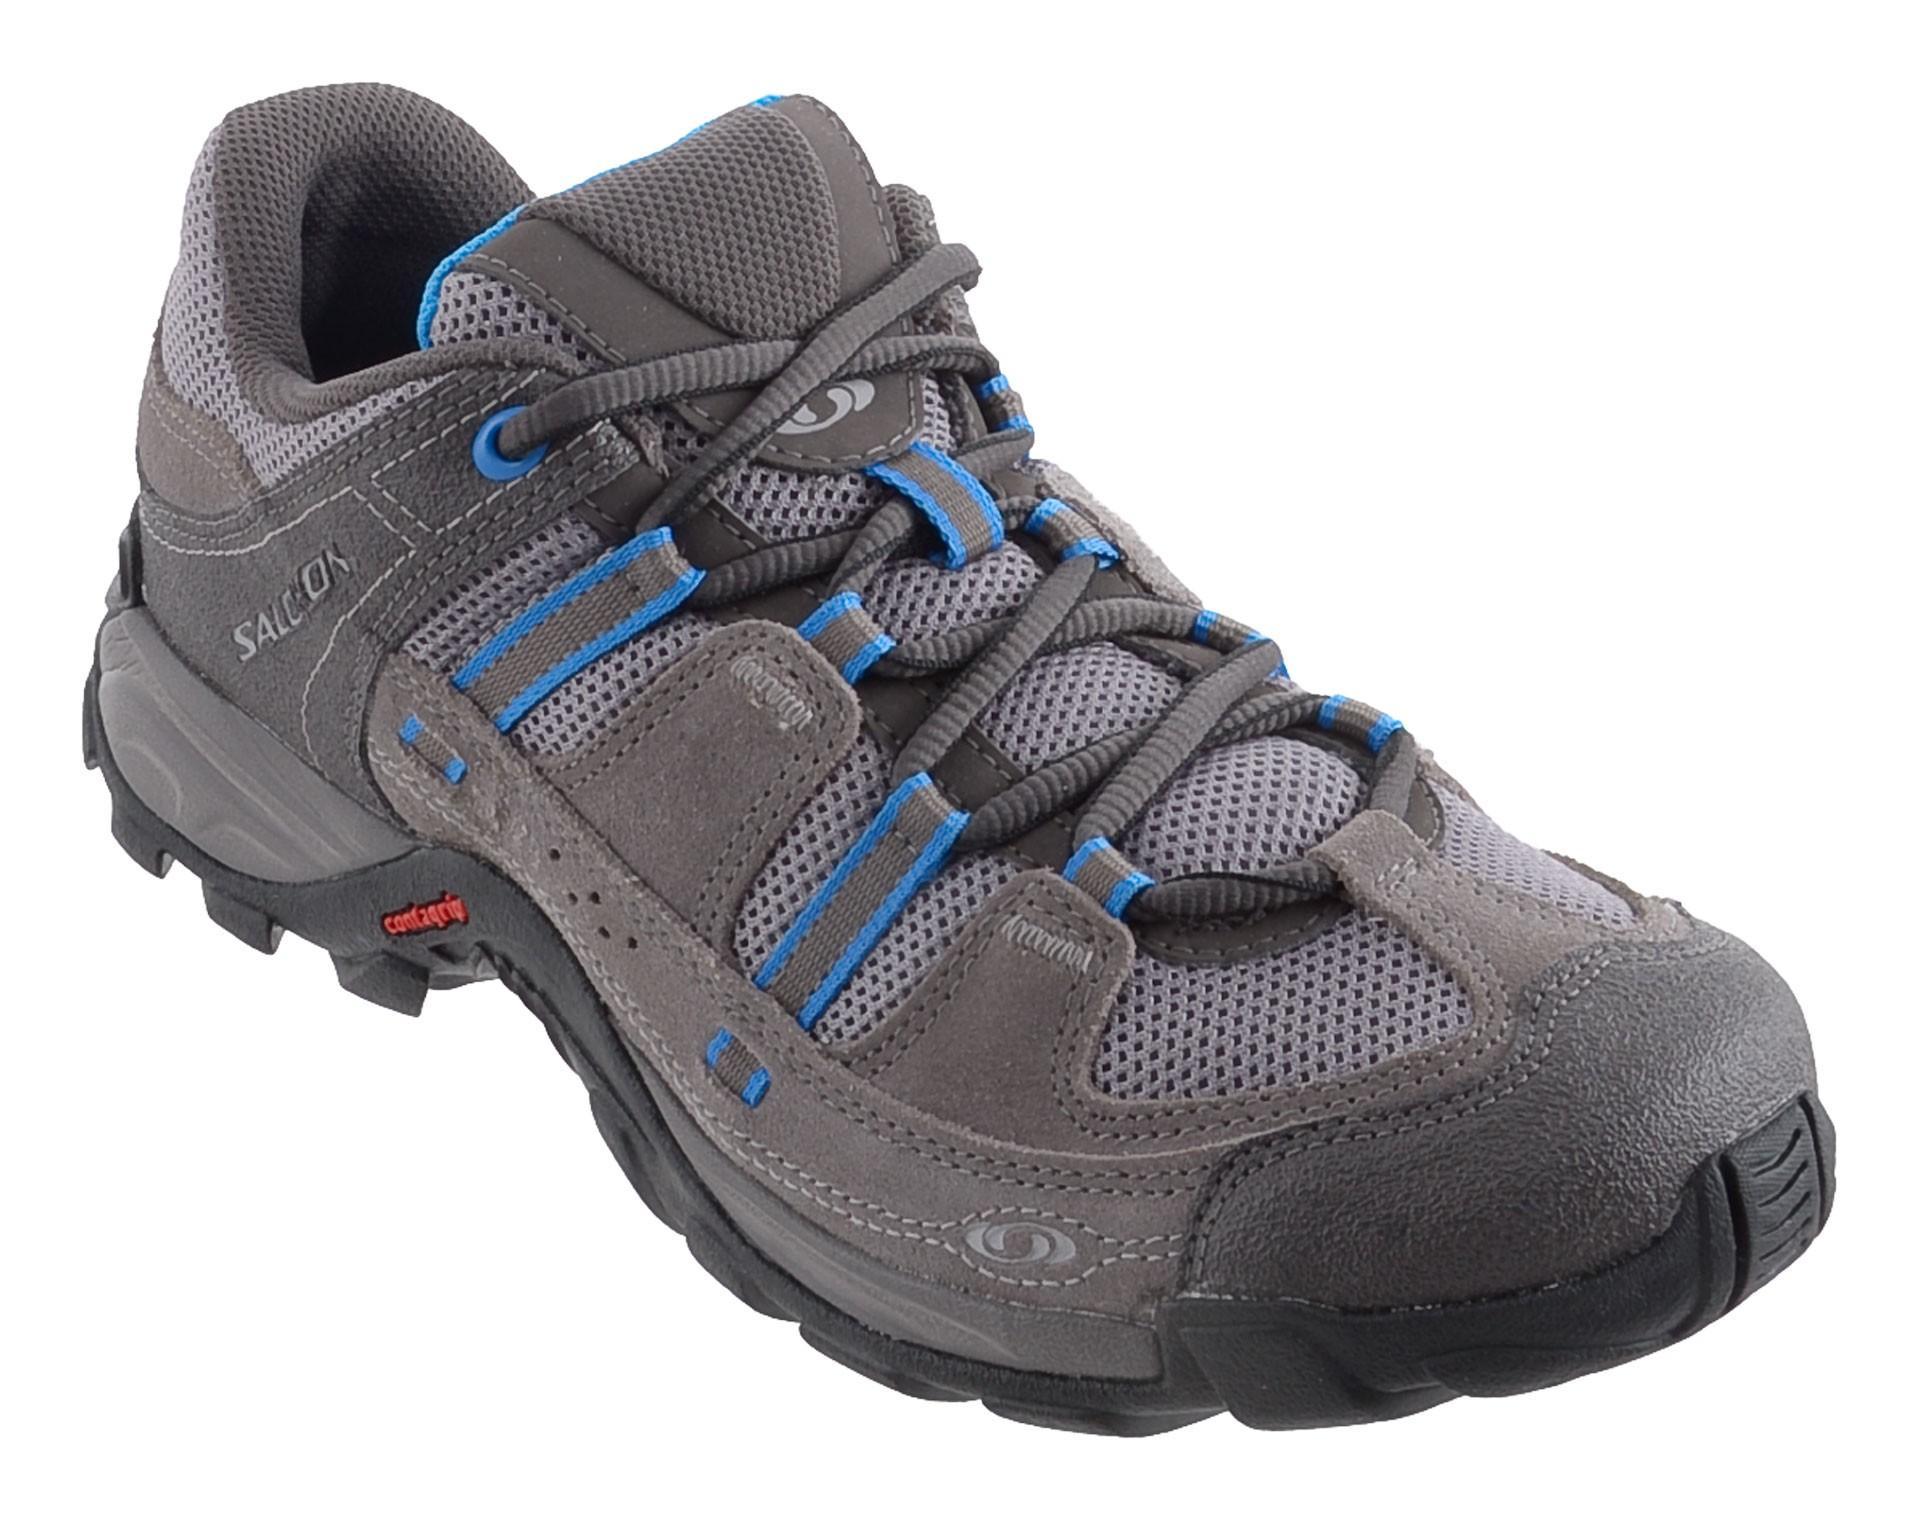 Chaussures de randonnée femme Salomon Hatos 3